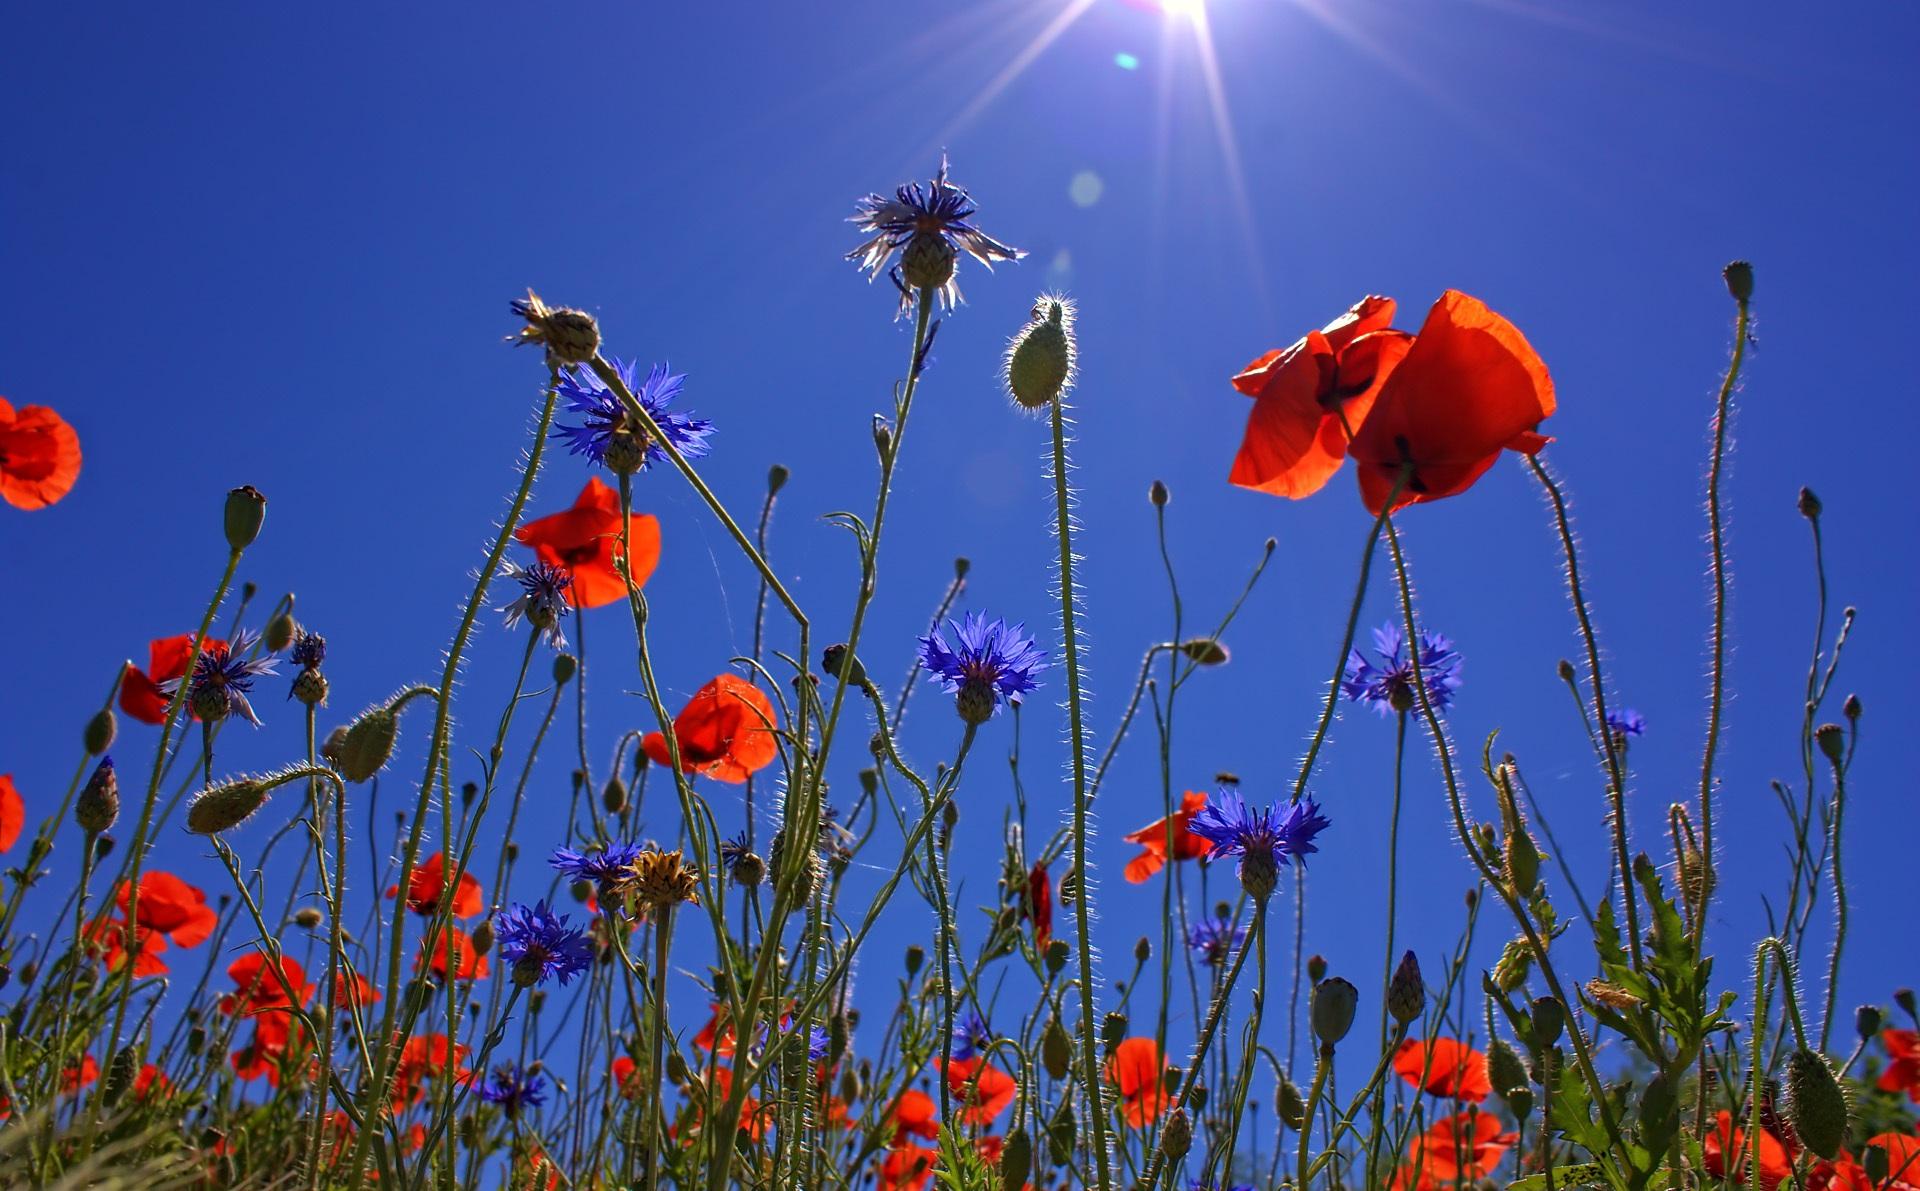 landscape-nature-blossom-light-plant-sky-718809-pxhere.com